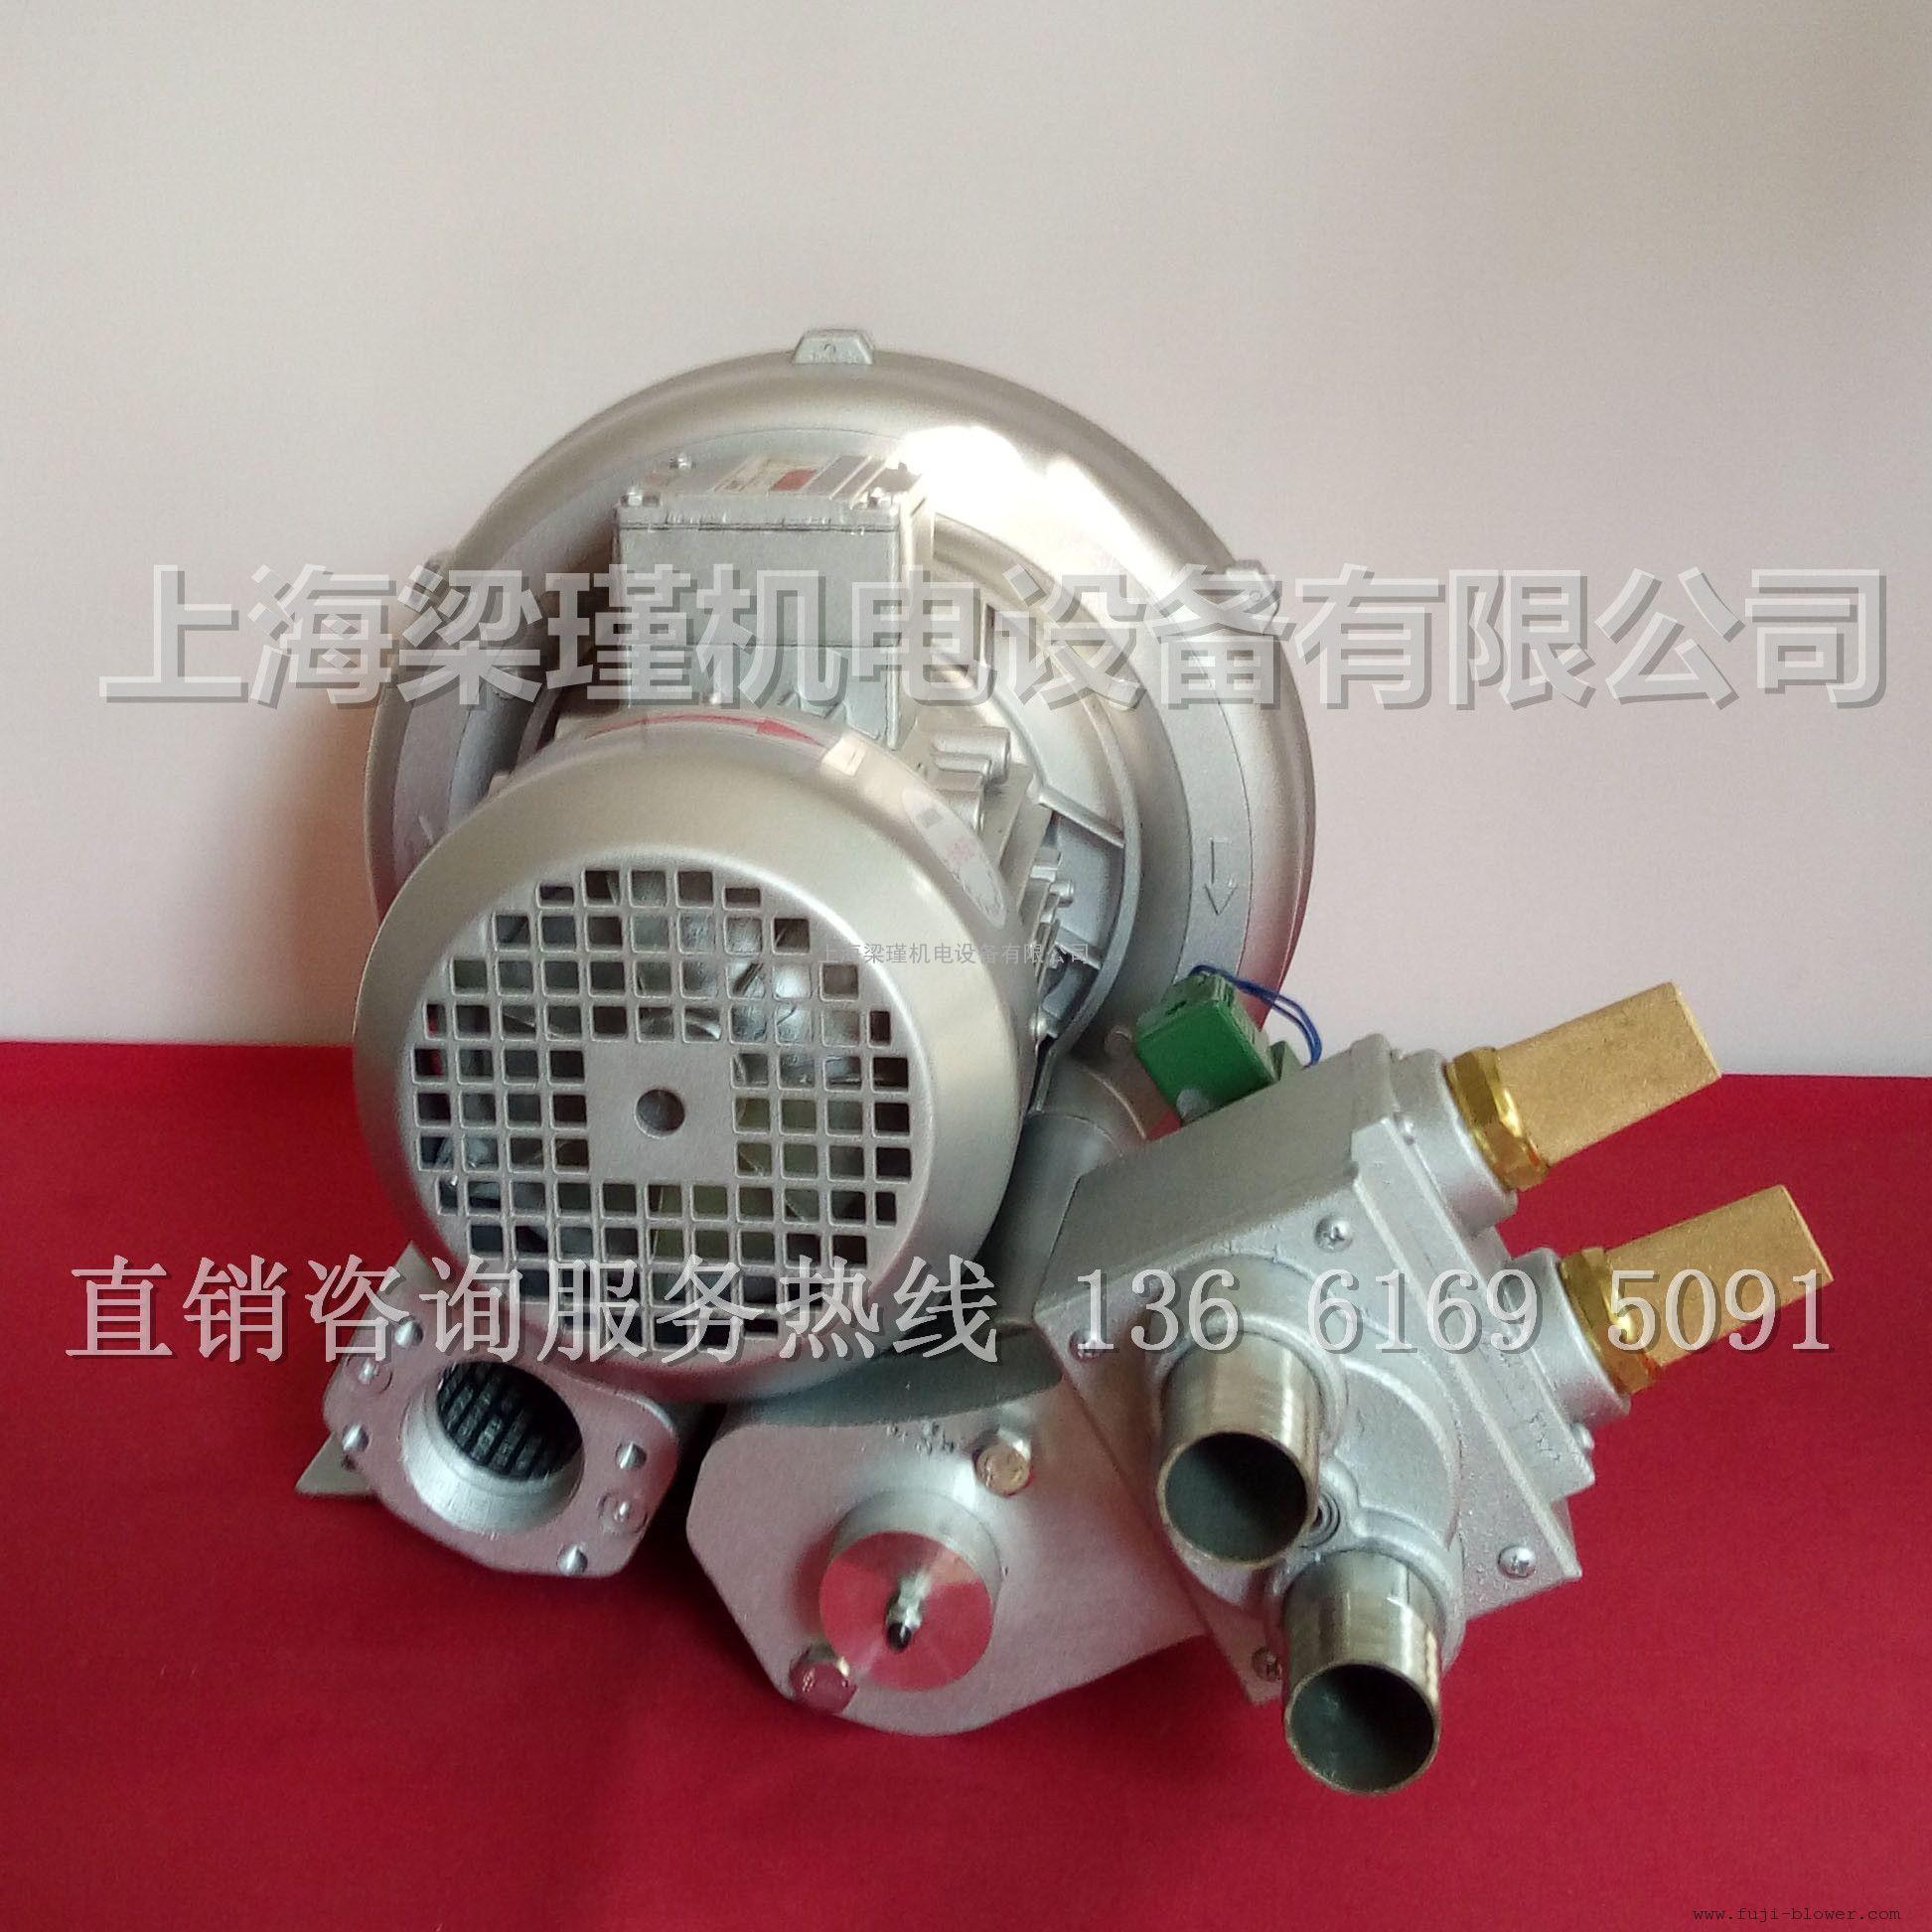 切纸机专用气泵电磁阀价格,切纸机械专用漩涡气泵厂家图片